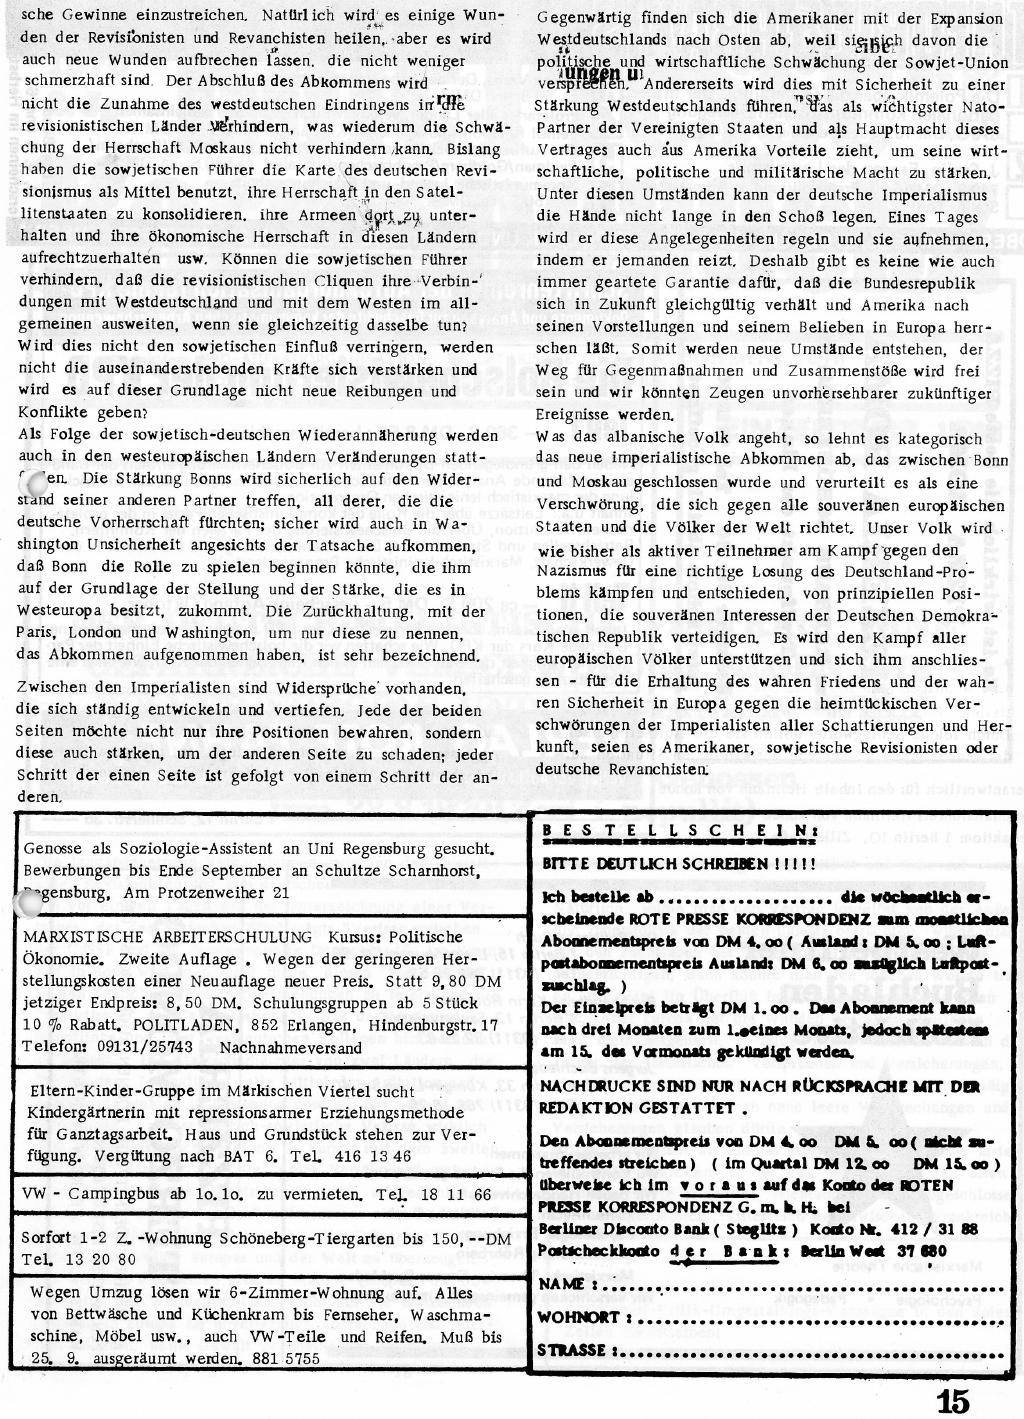 RPK_1970_082_15